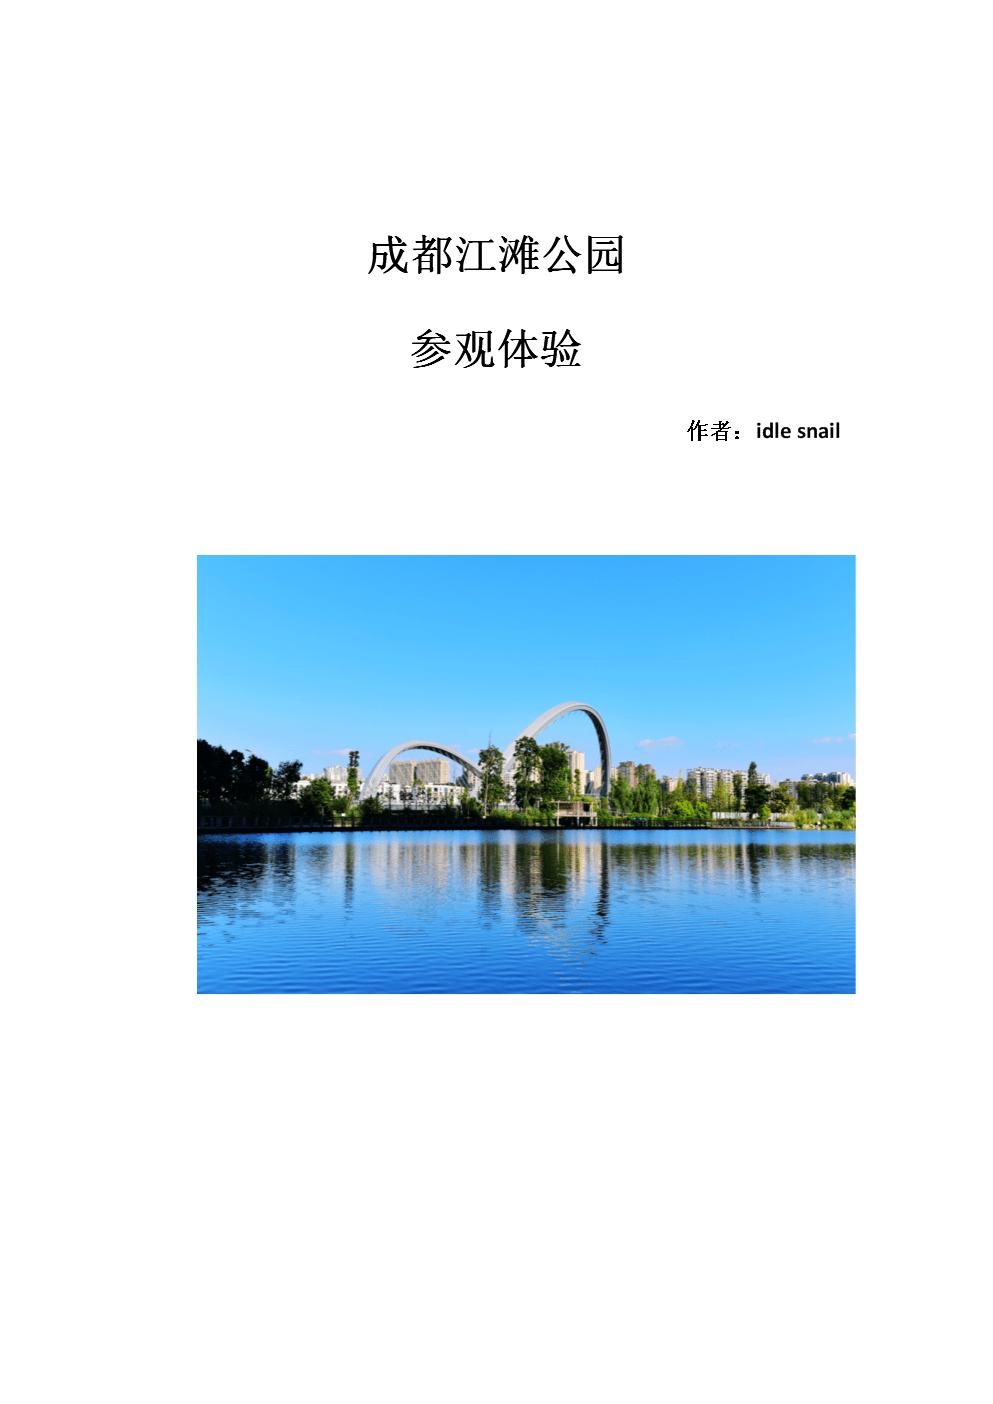 成都江滩公园参观体验.docx